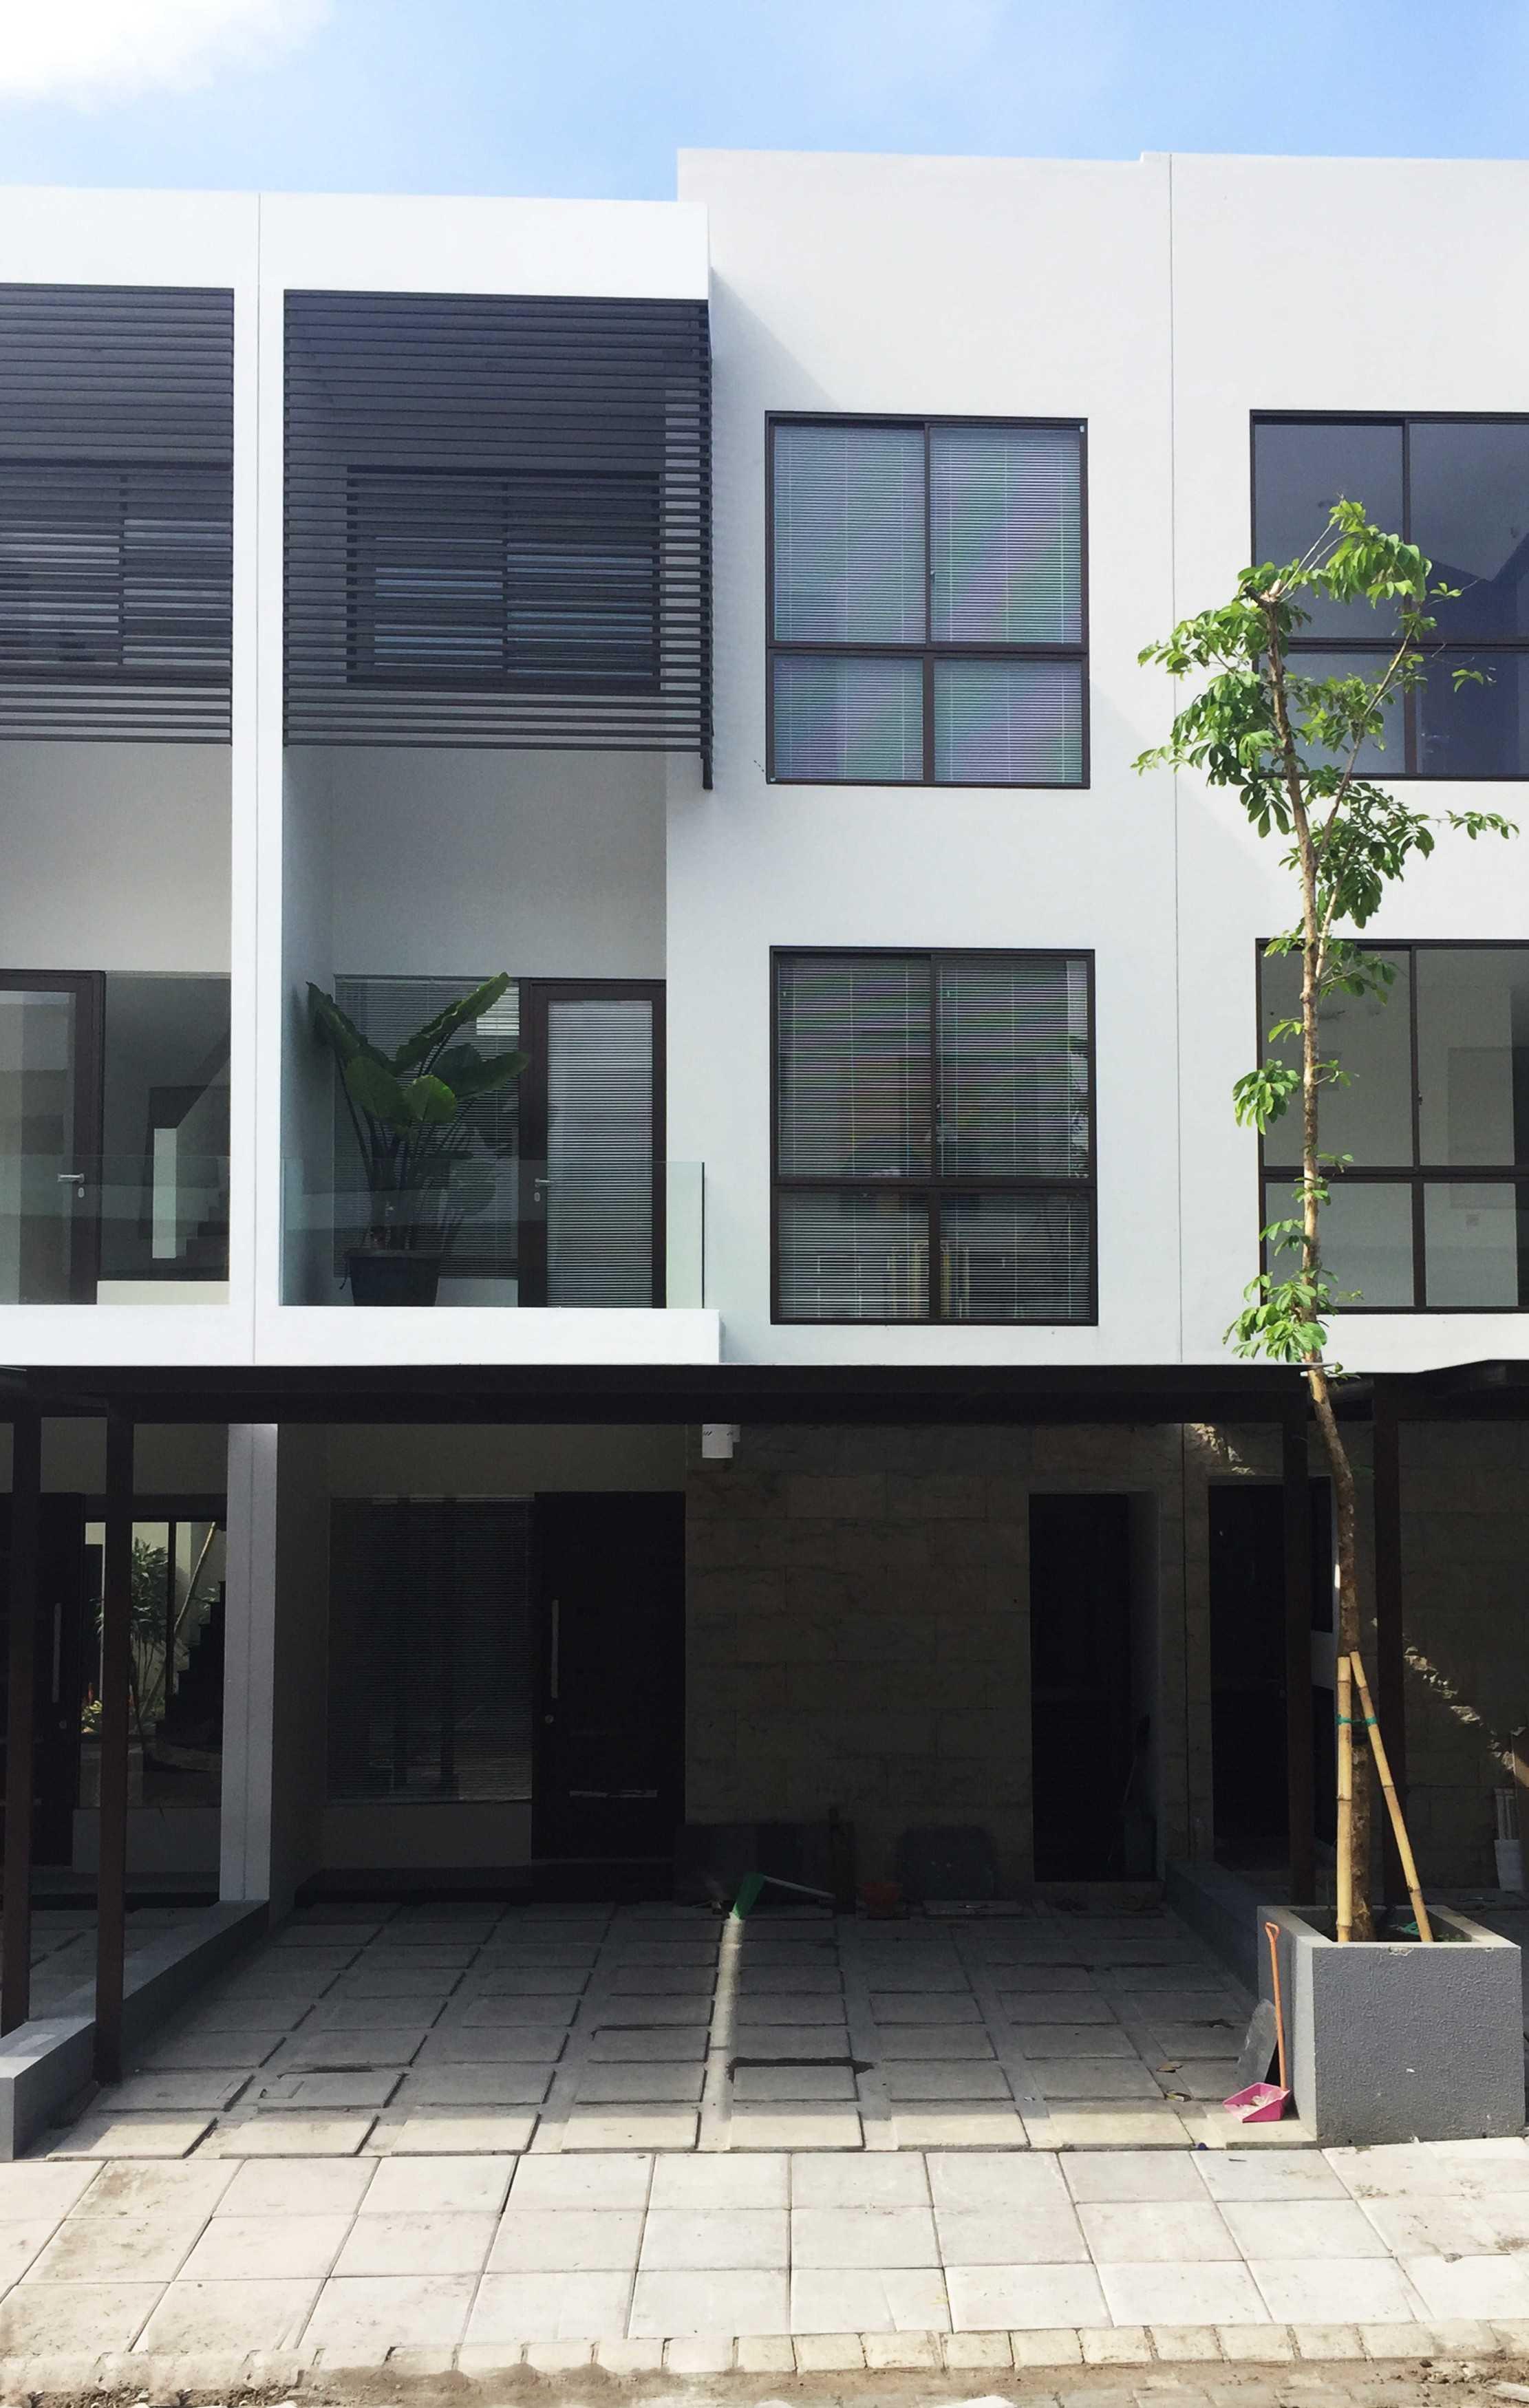 Koma Graha Natura Blok Aa Surabaya Surabaya Graha-Natura-Aa-23-Exterior-1 Kontemporer,minimalis  29475